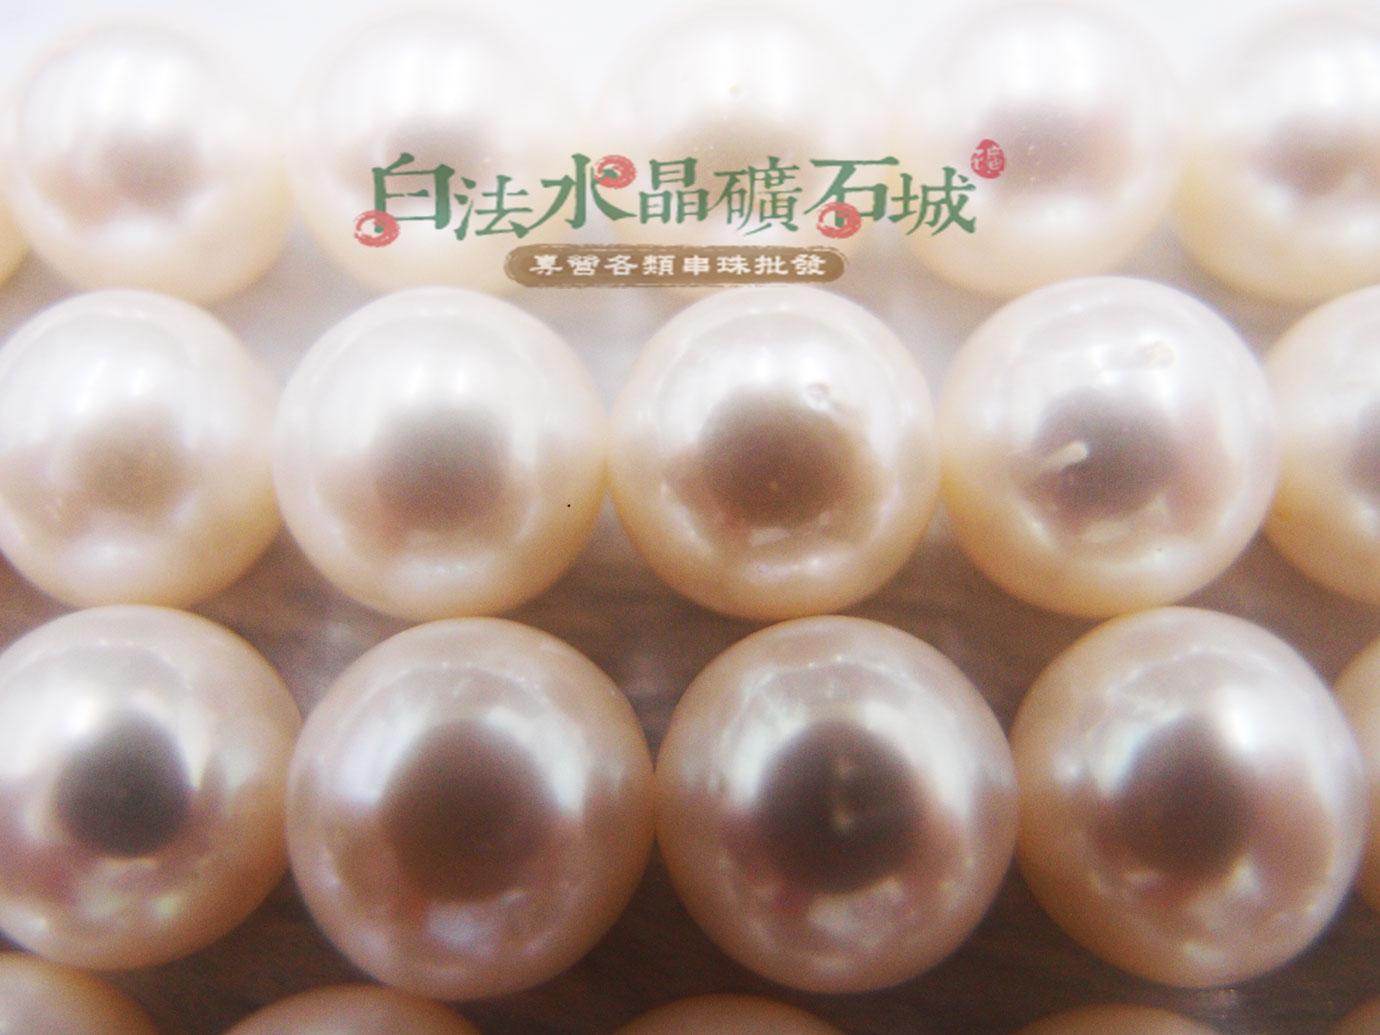 中國海南 天然珍珠 表面皆有天然坑洞 白色 10mm 串珠 條珠 首飾材料